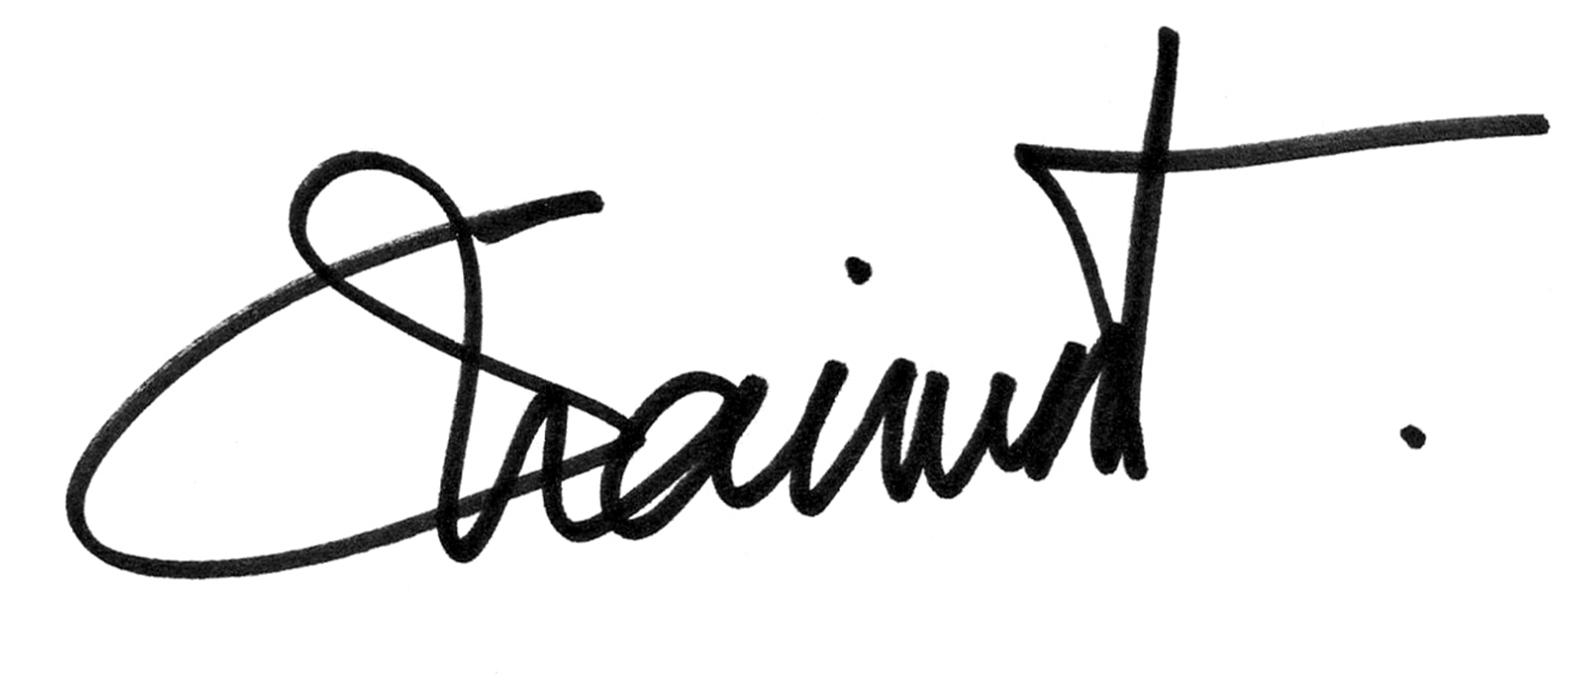 CHAIWAT THITICHAIPAT's Signature